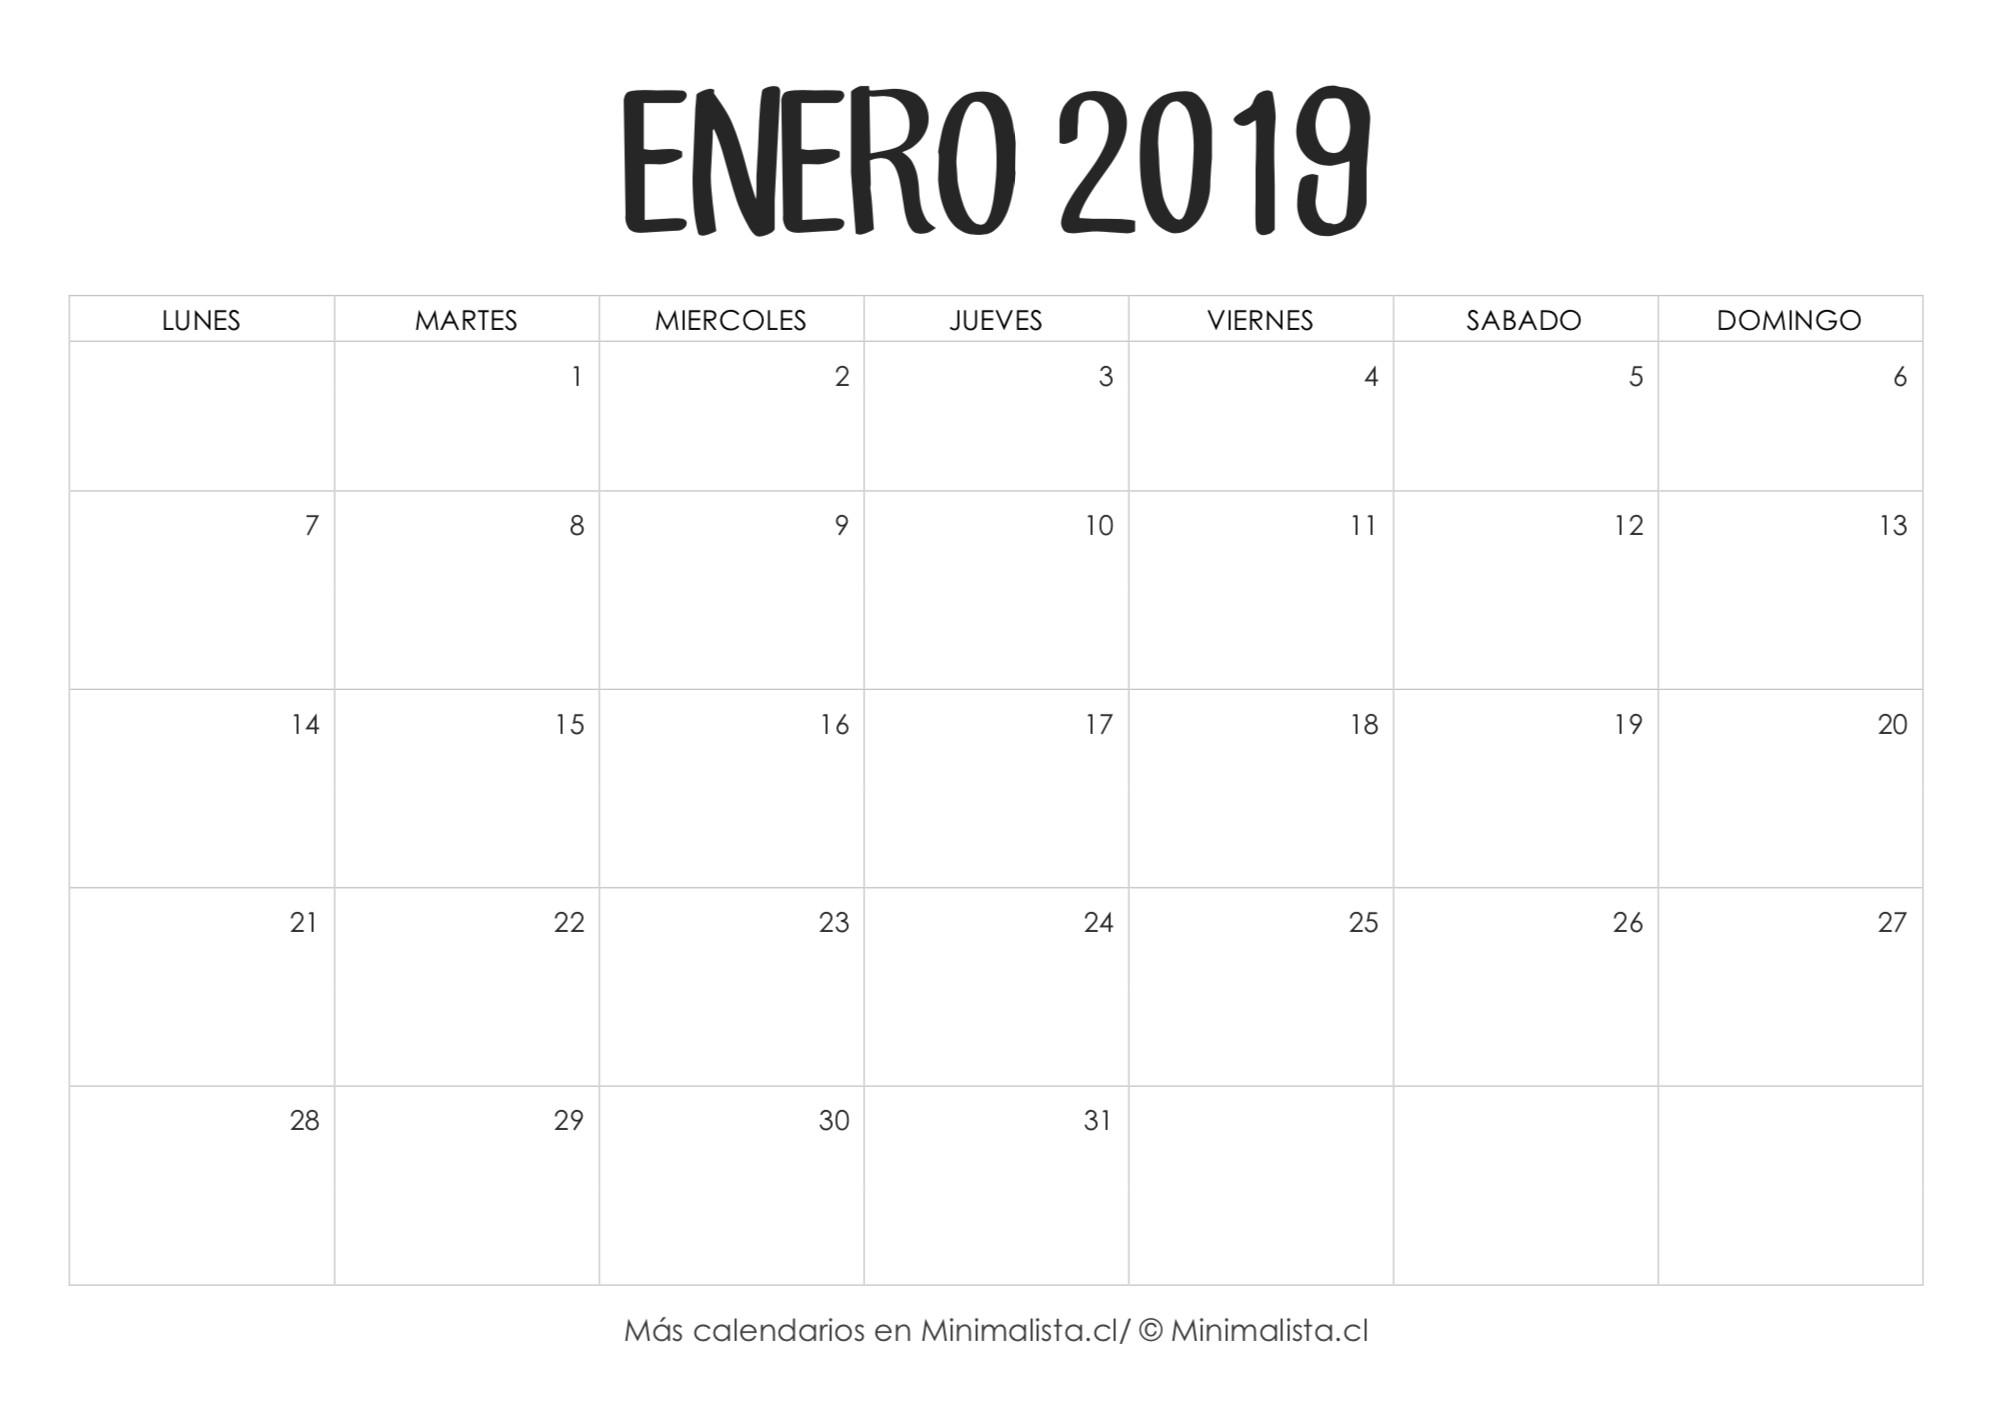 Como Imprimir Calendario 2019 En Word Más Recientes Es Increble La Cantidad De Mensajes Que Me Han Llegado En Las Of Como Imprimir Calendario 2019 En Word Más Arriba-a-fecha Observar Calendario Para Imprimir 2019 Pdf